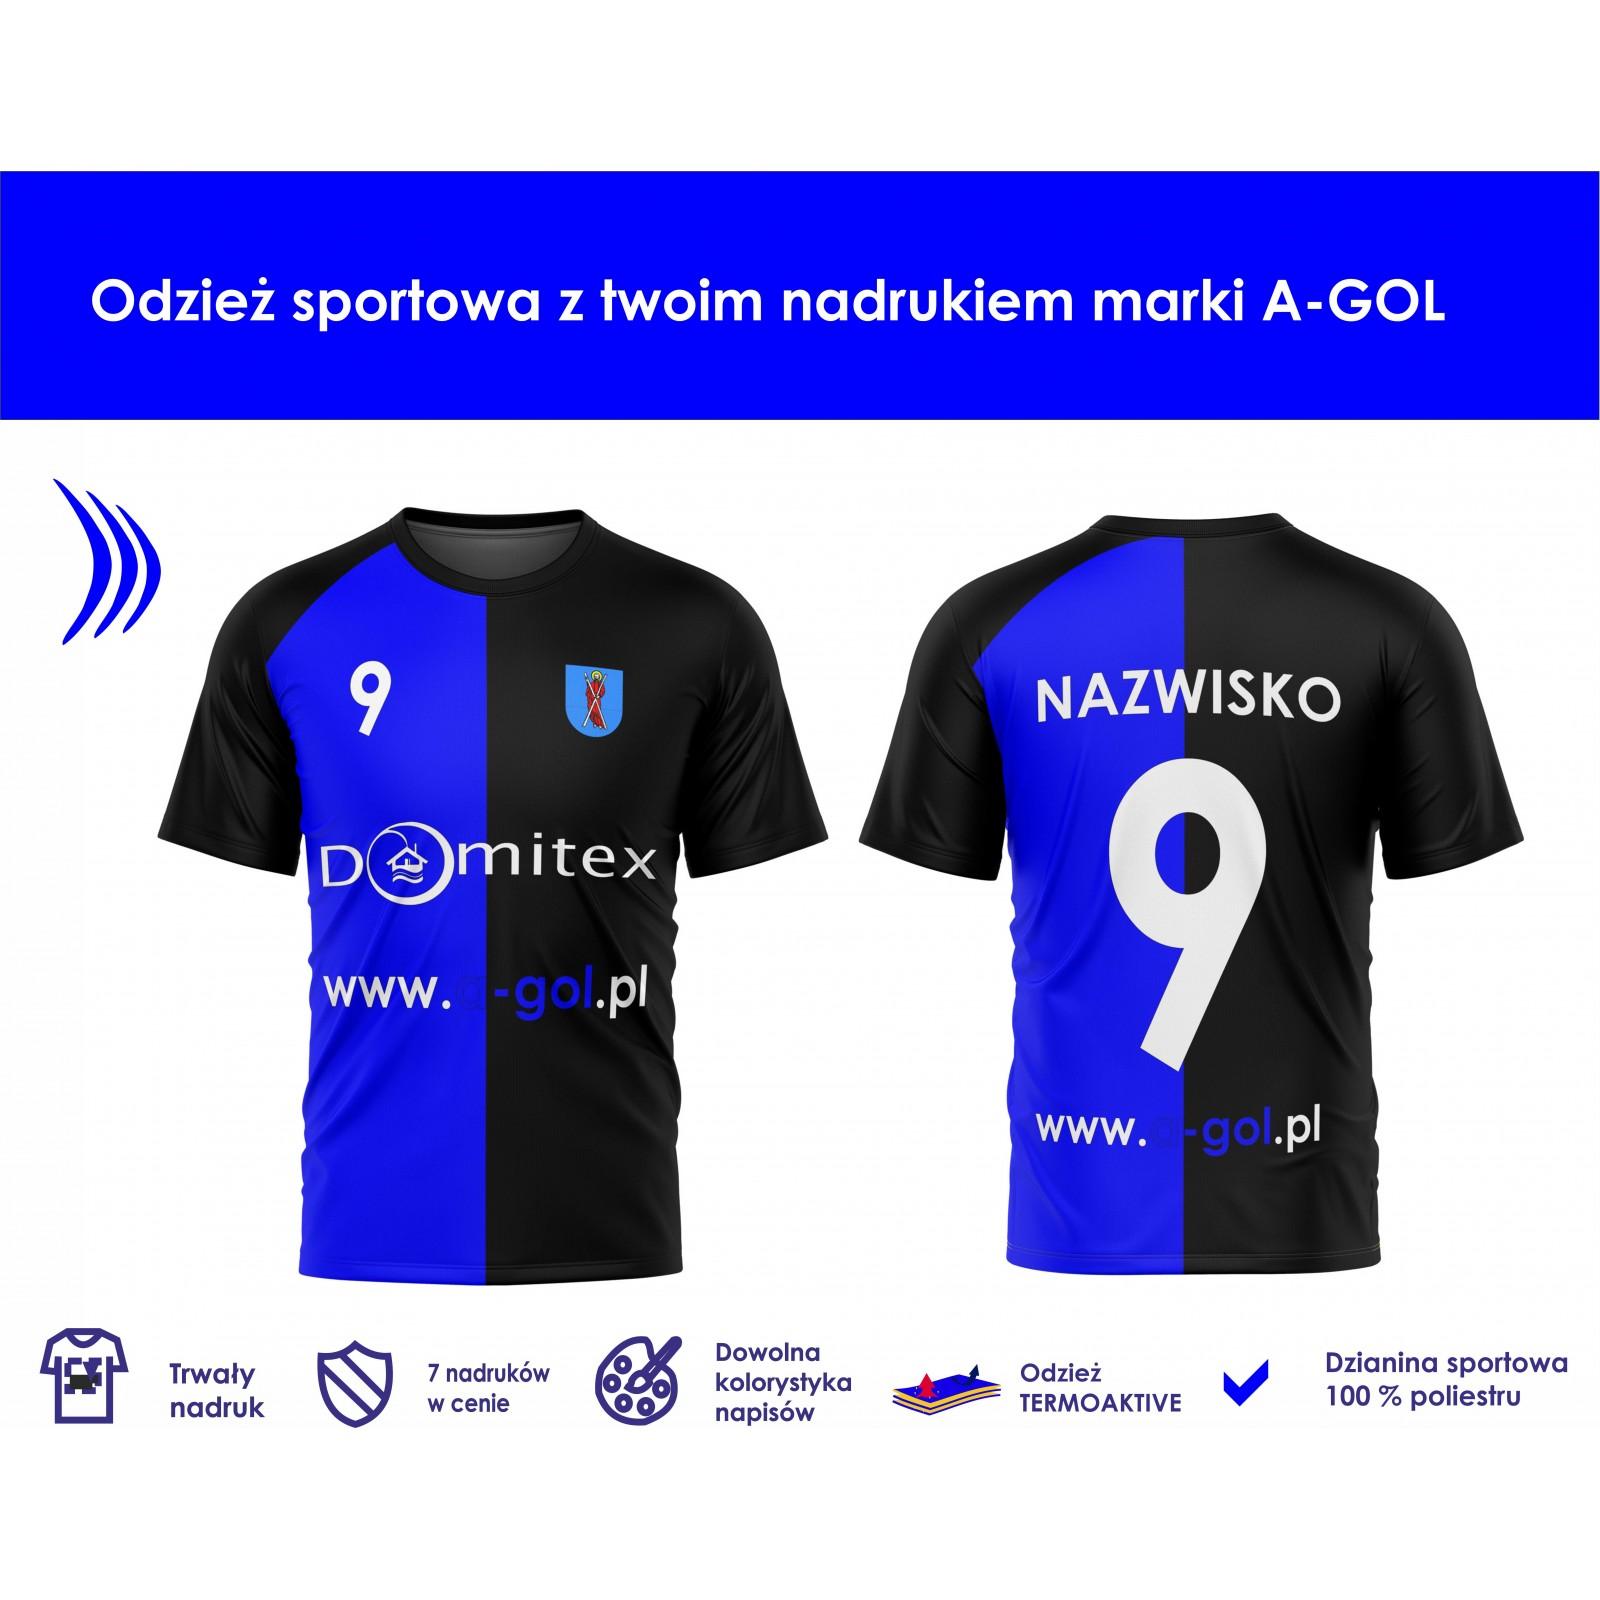 Koszulka sportowa z nadrukiem - wzór 28 czerwony